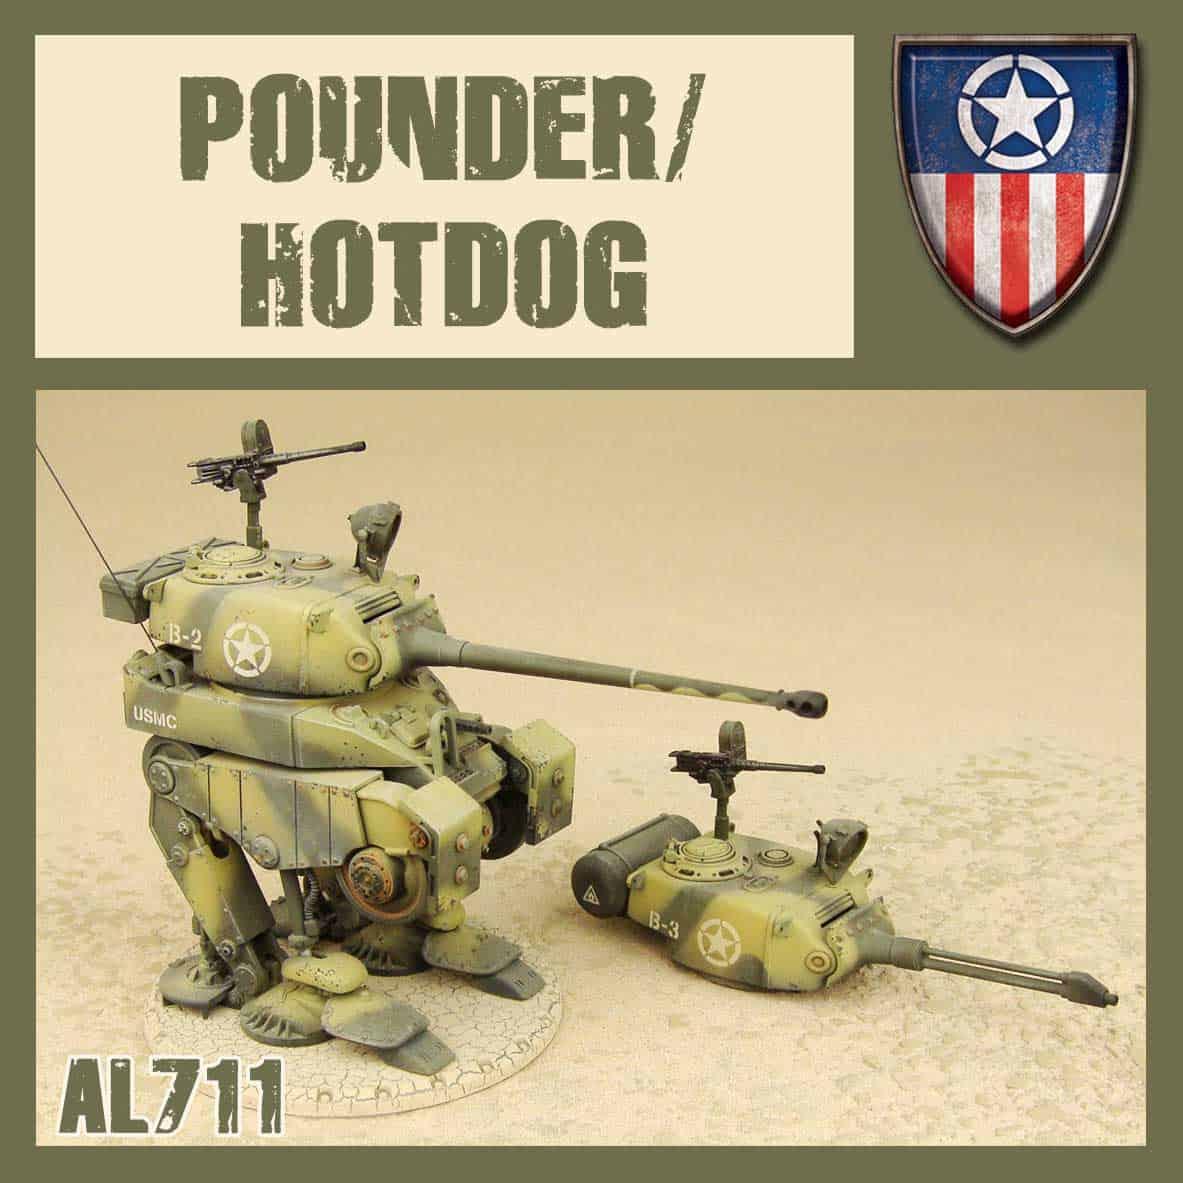 Pounder/Hot Dog